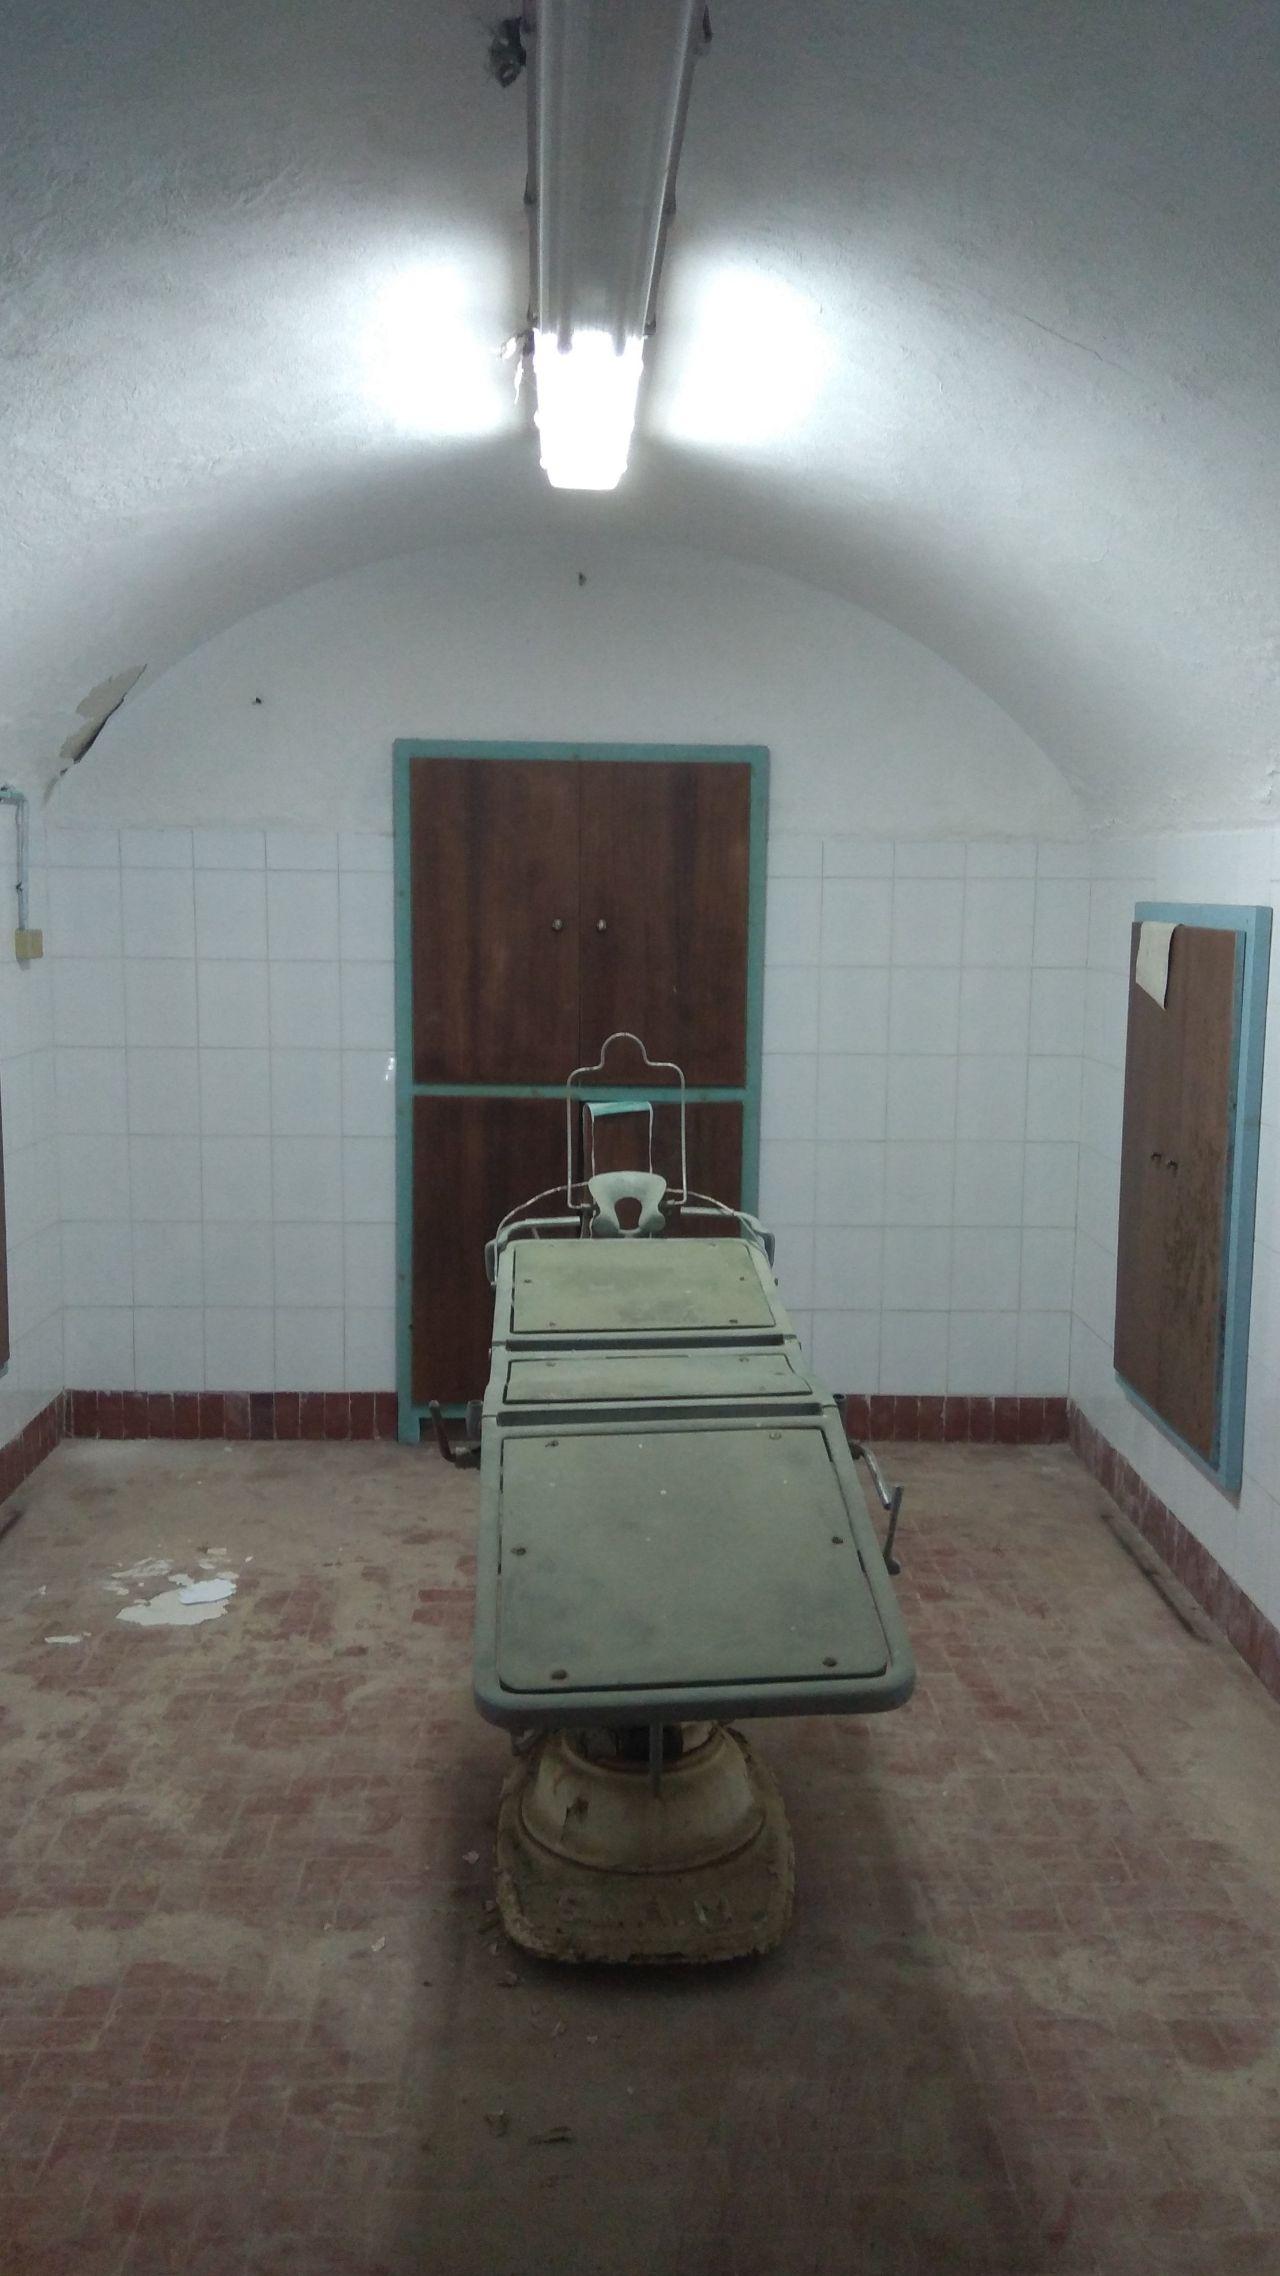 Η χειρουργική αίθουσα του υπόγειου ιταλικού νοσοκομείου.